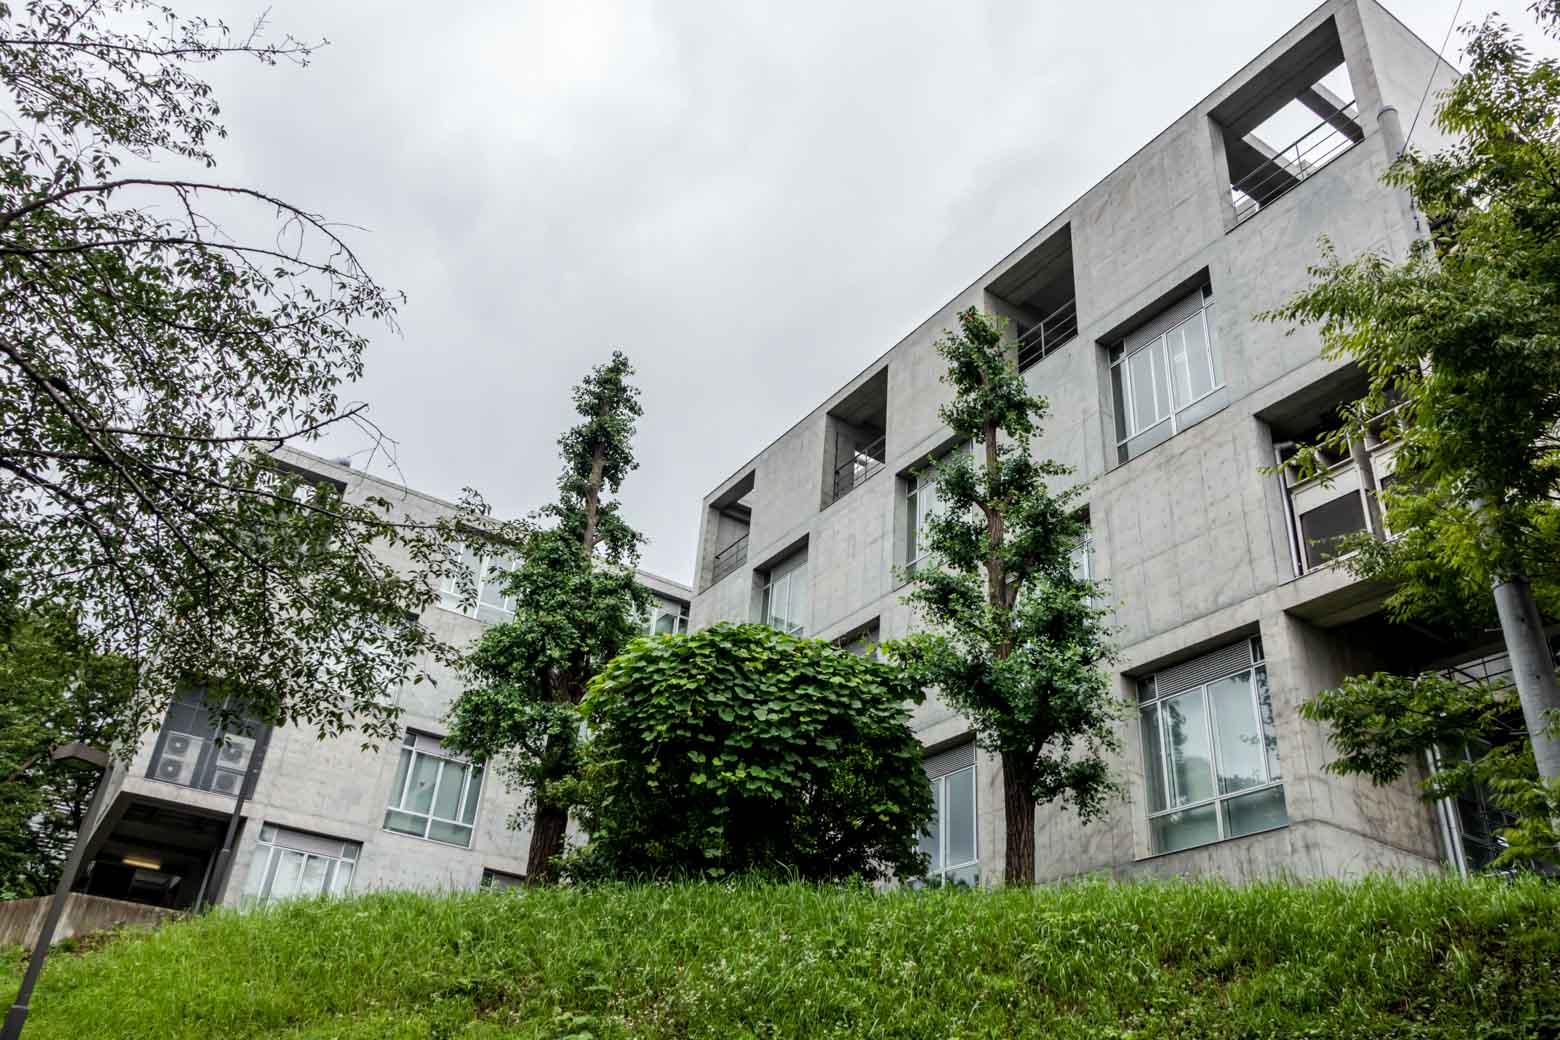 こちらが東京工業大学。巨大すぎてうまく撮れませんでしたが、おしゃれなデザイナーズマンションのような外観でした。